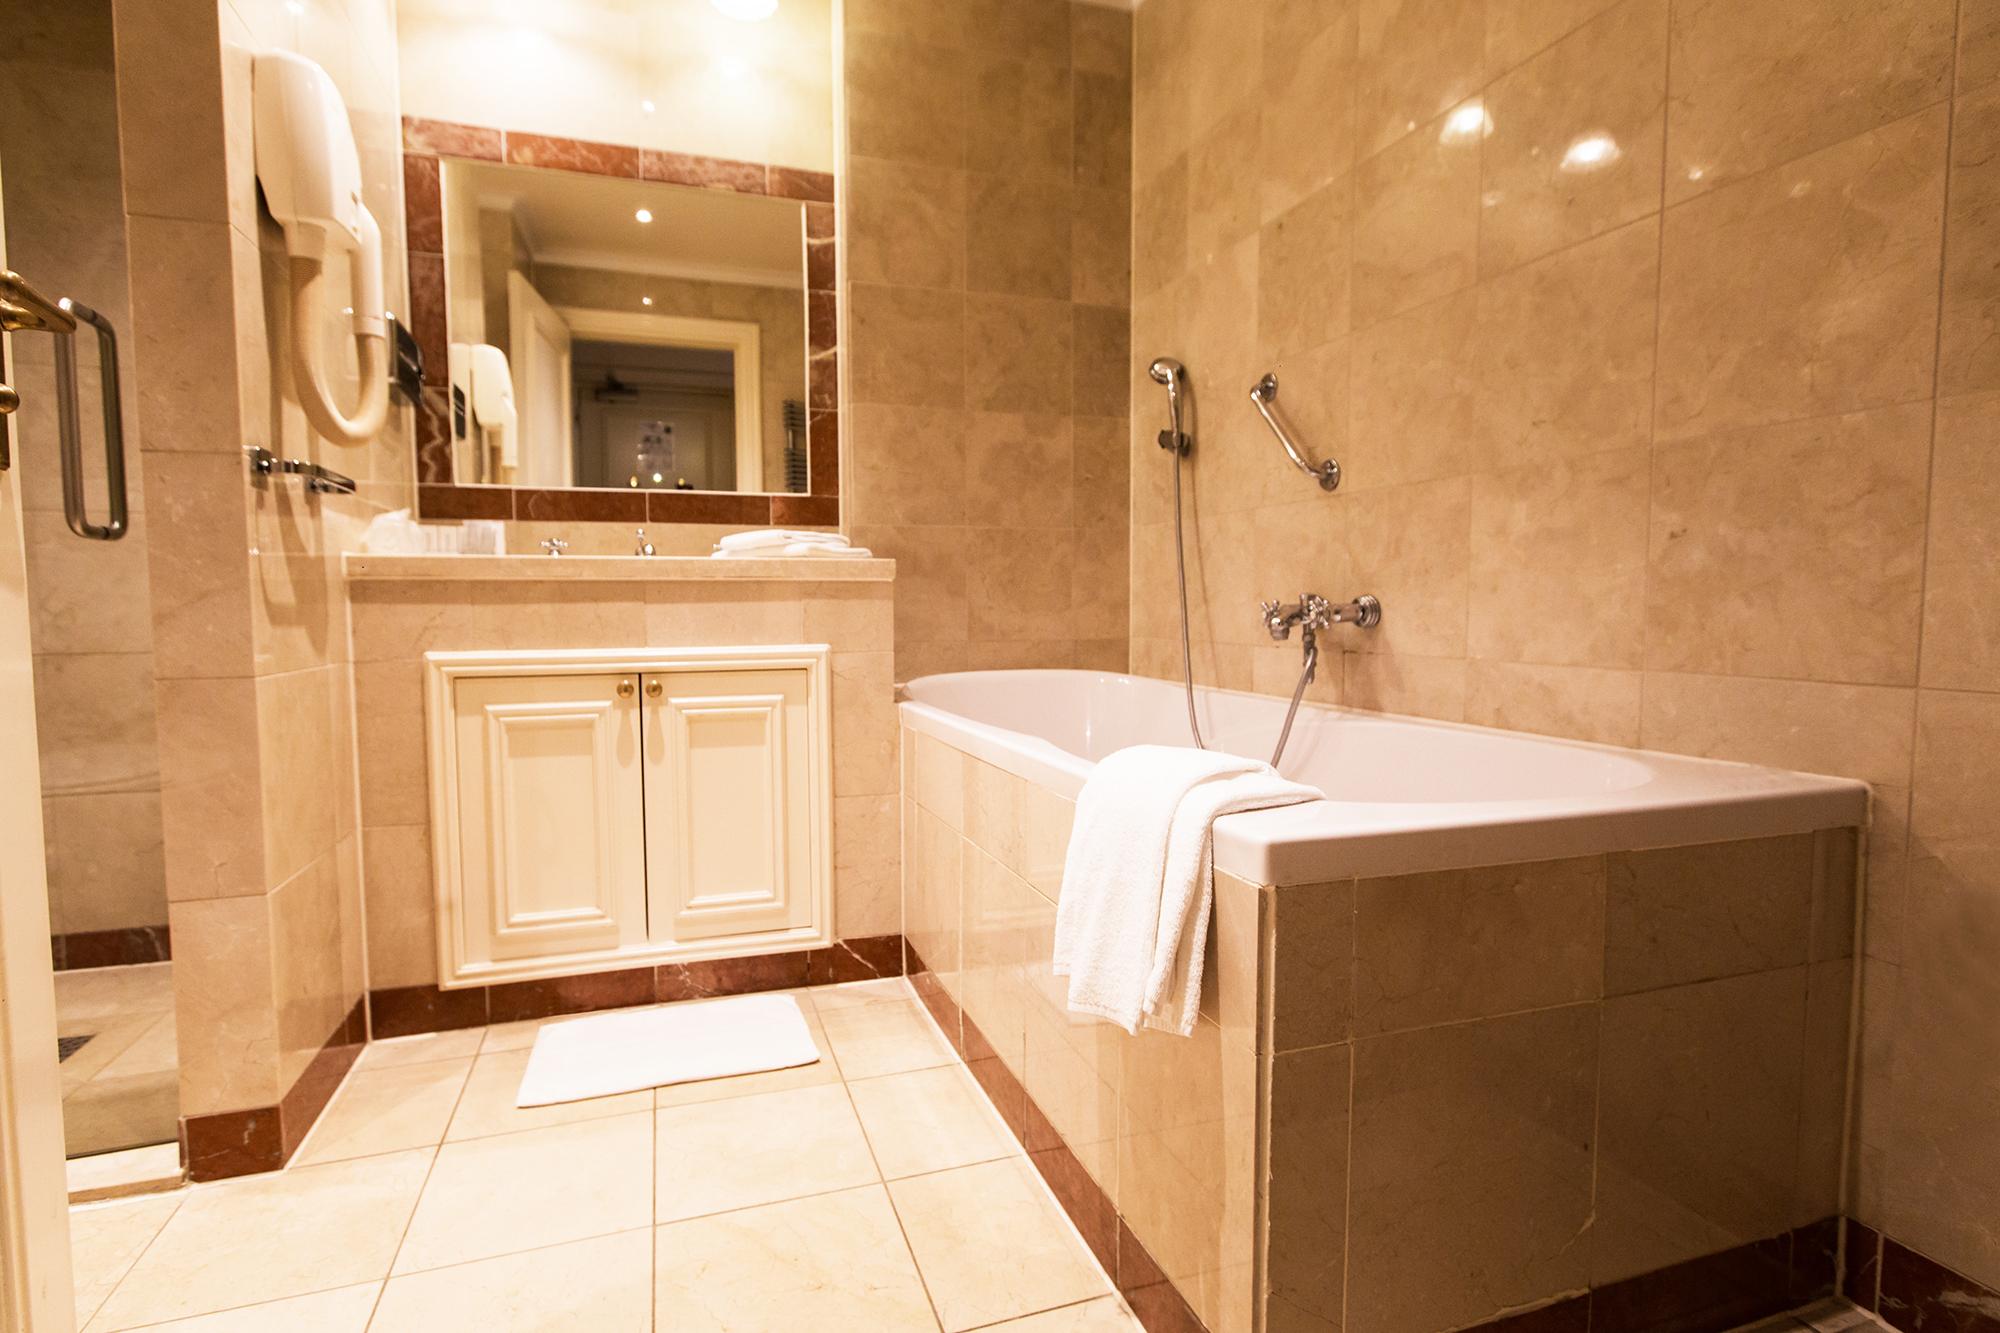 Badkamer bewerkt1.jpg